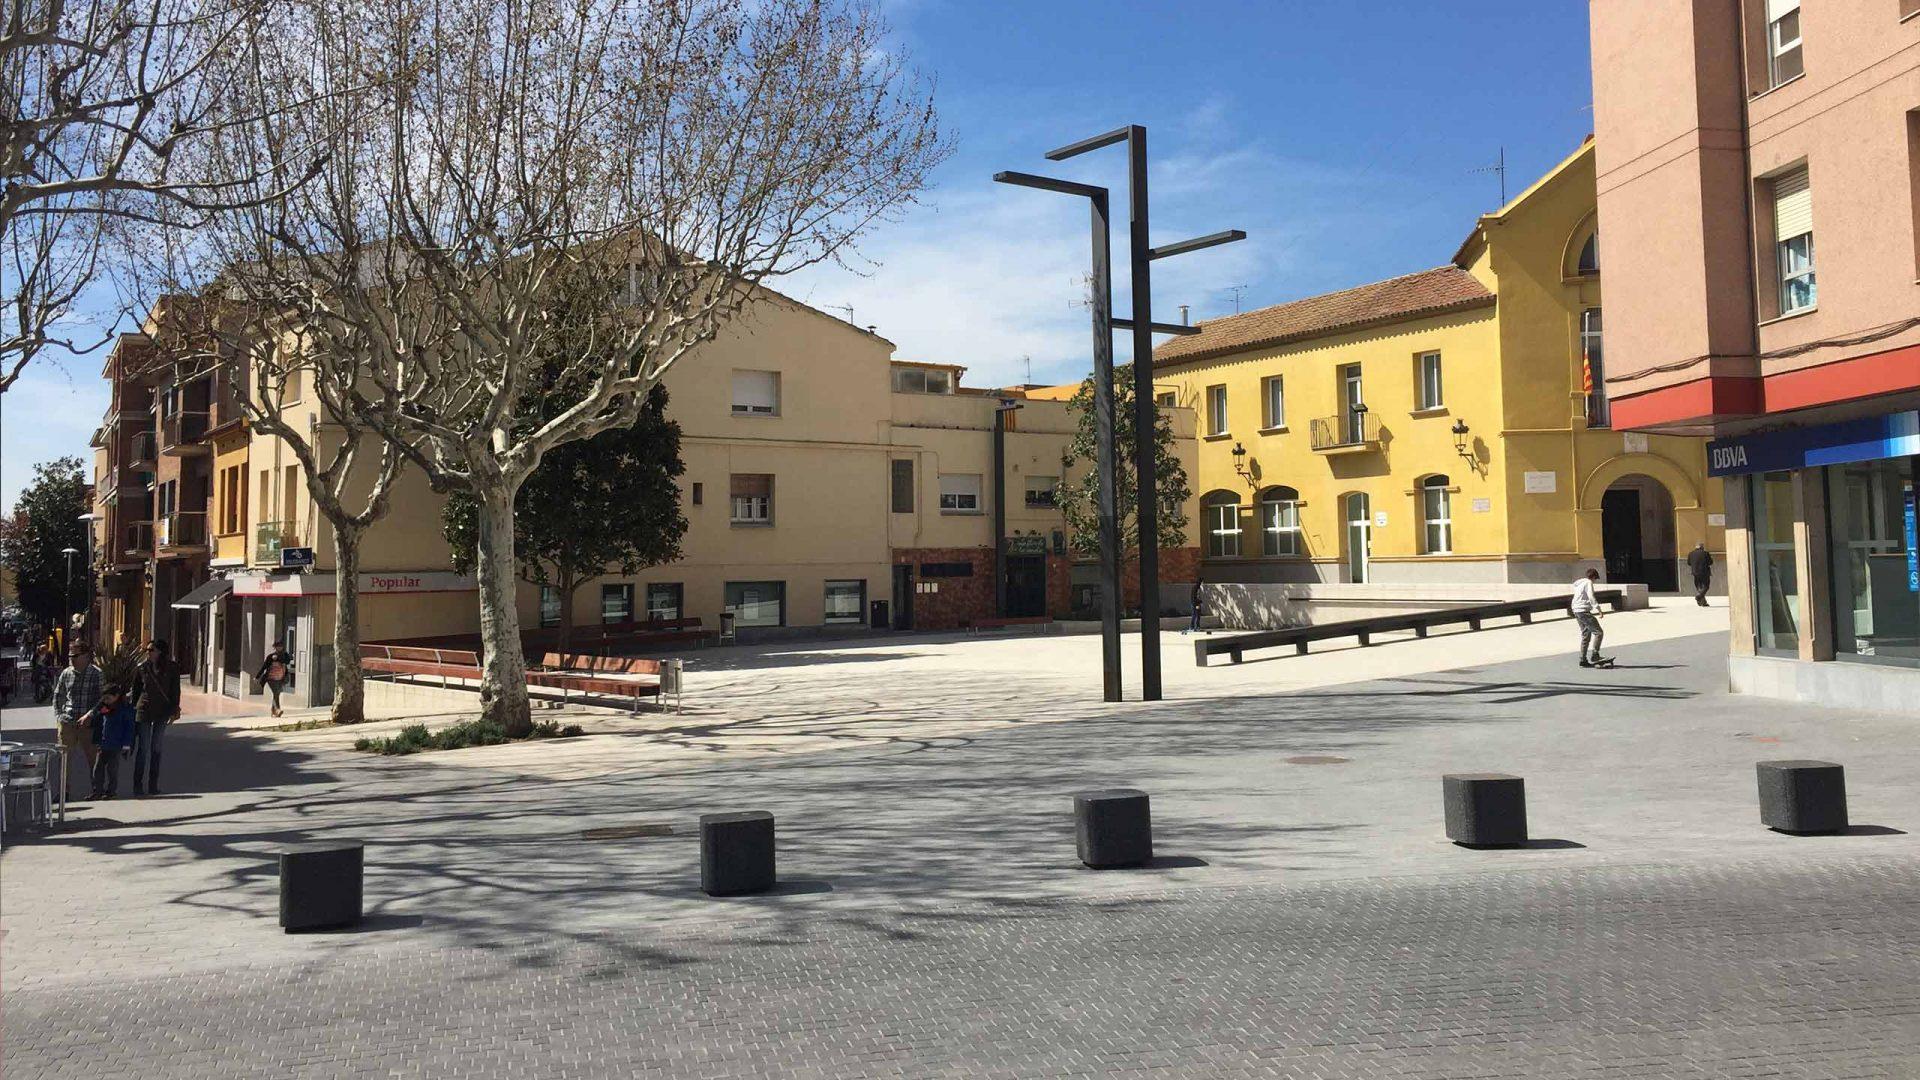 Plaça de la Vila, Montmeló